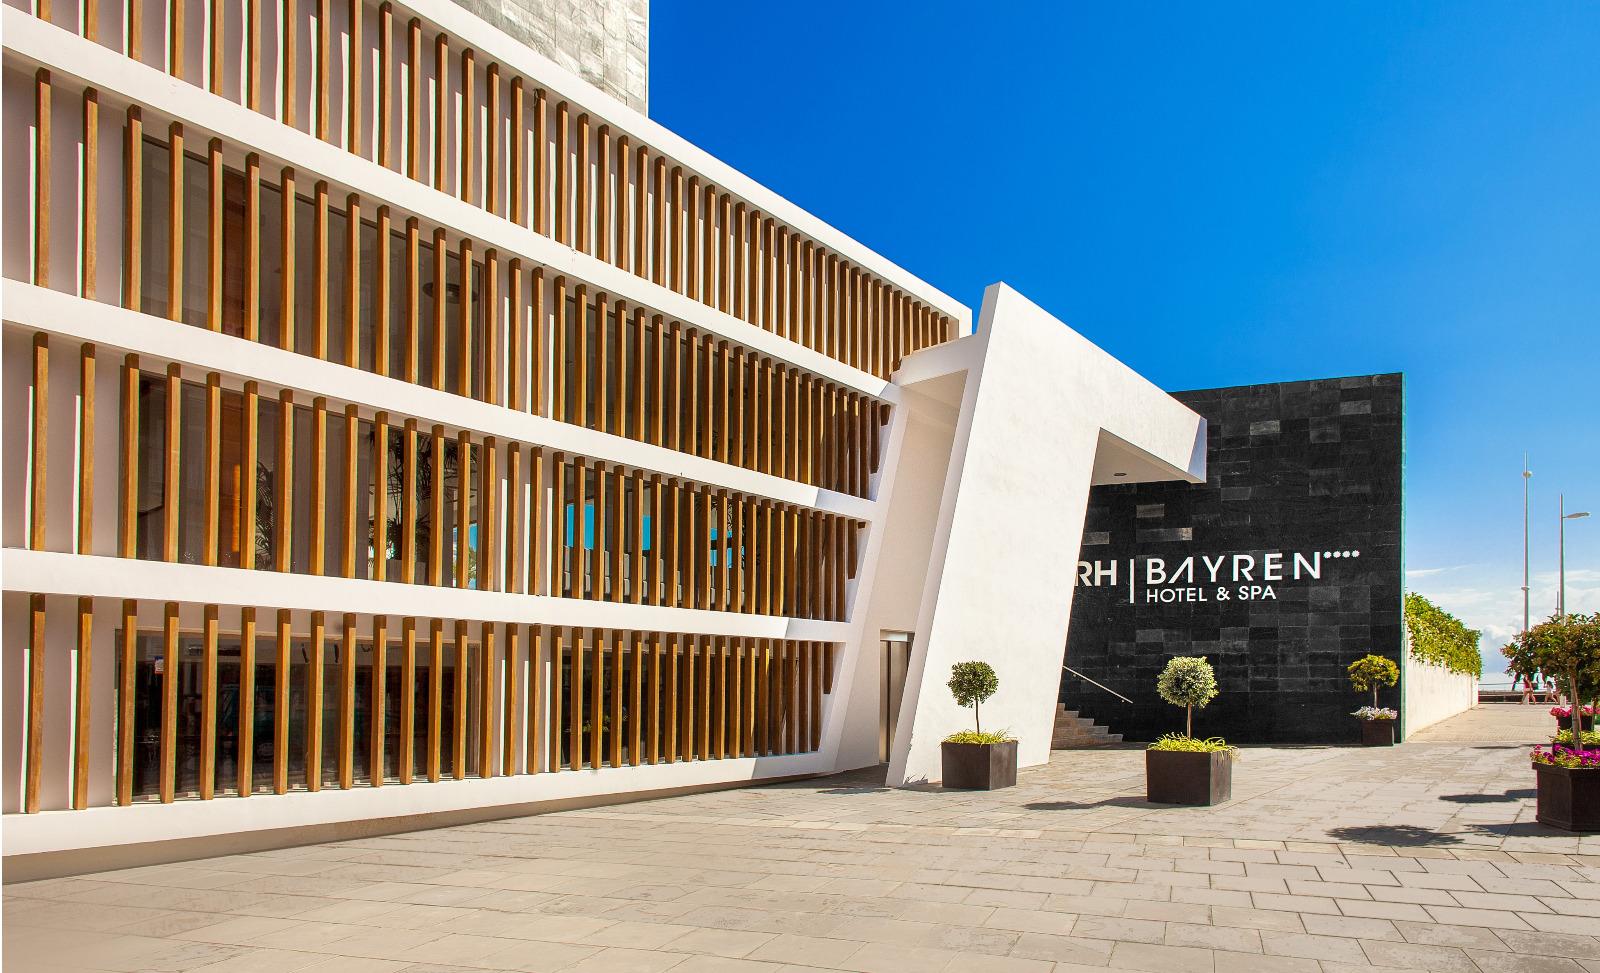 hotel-rh-bayren-spa-entrada